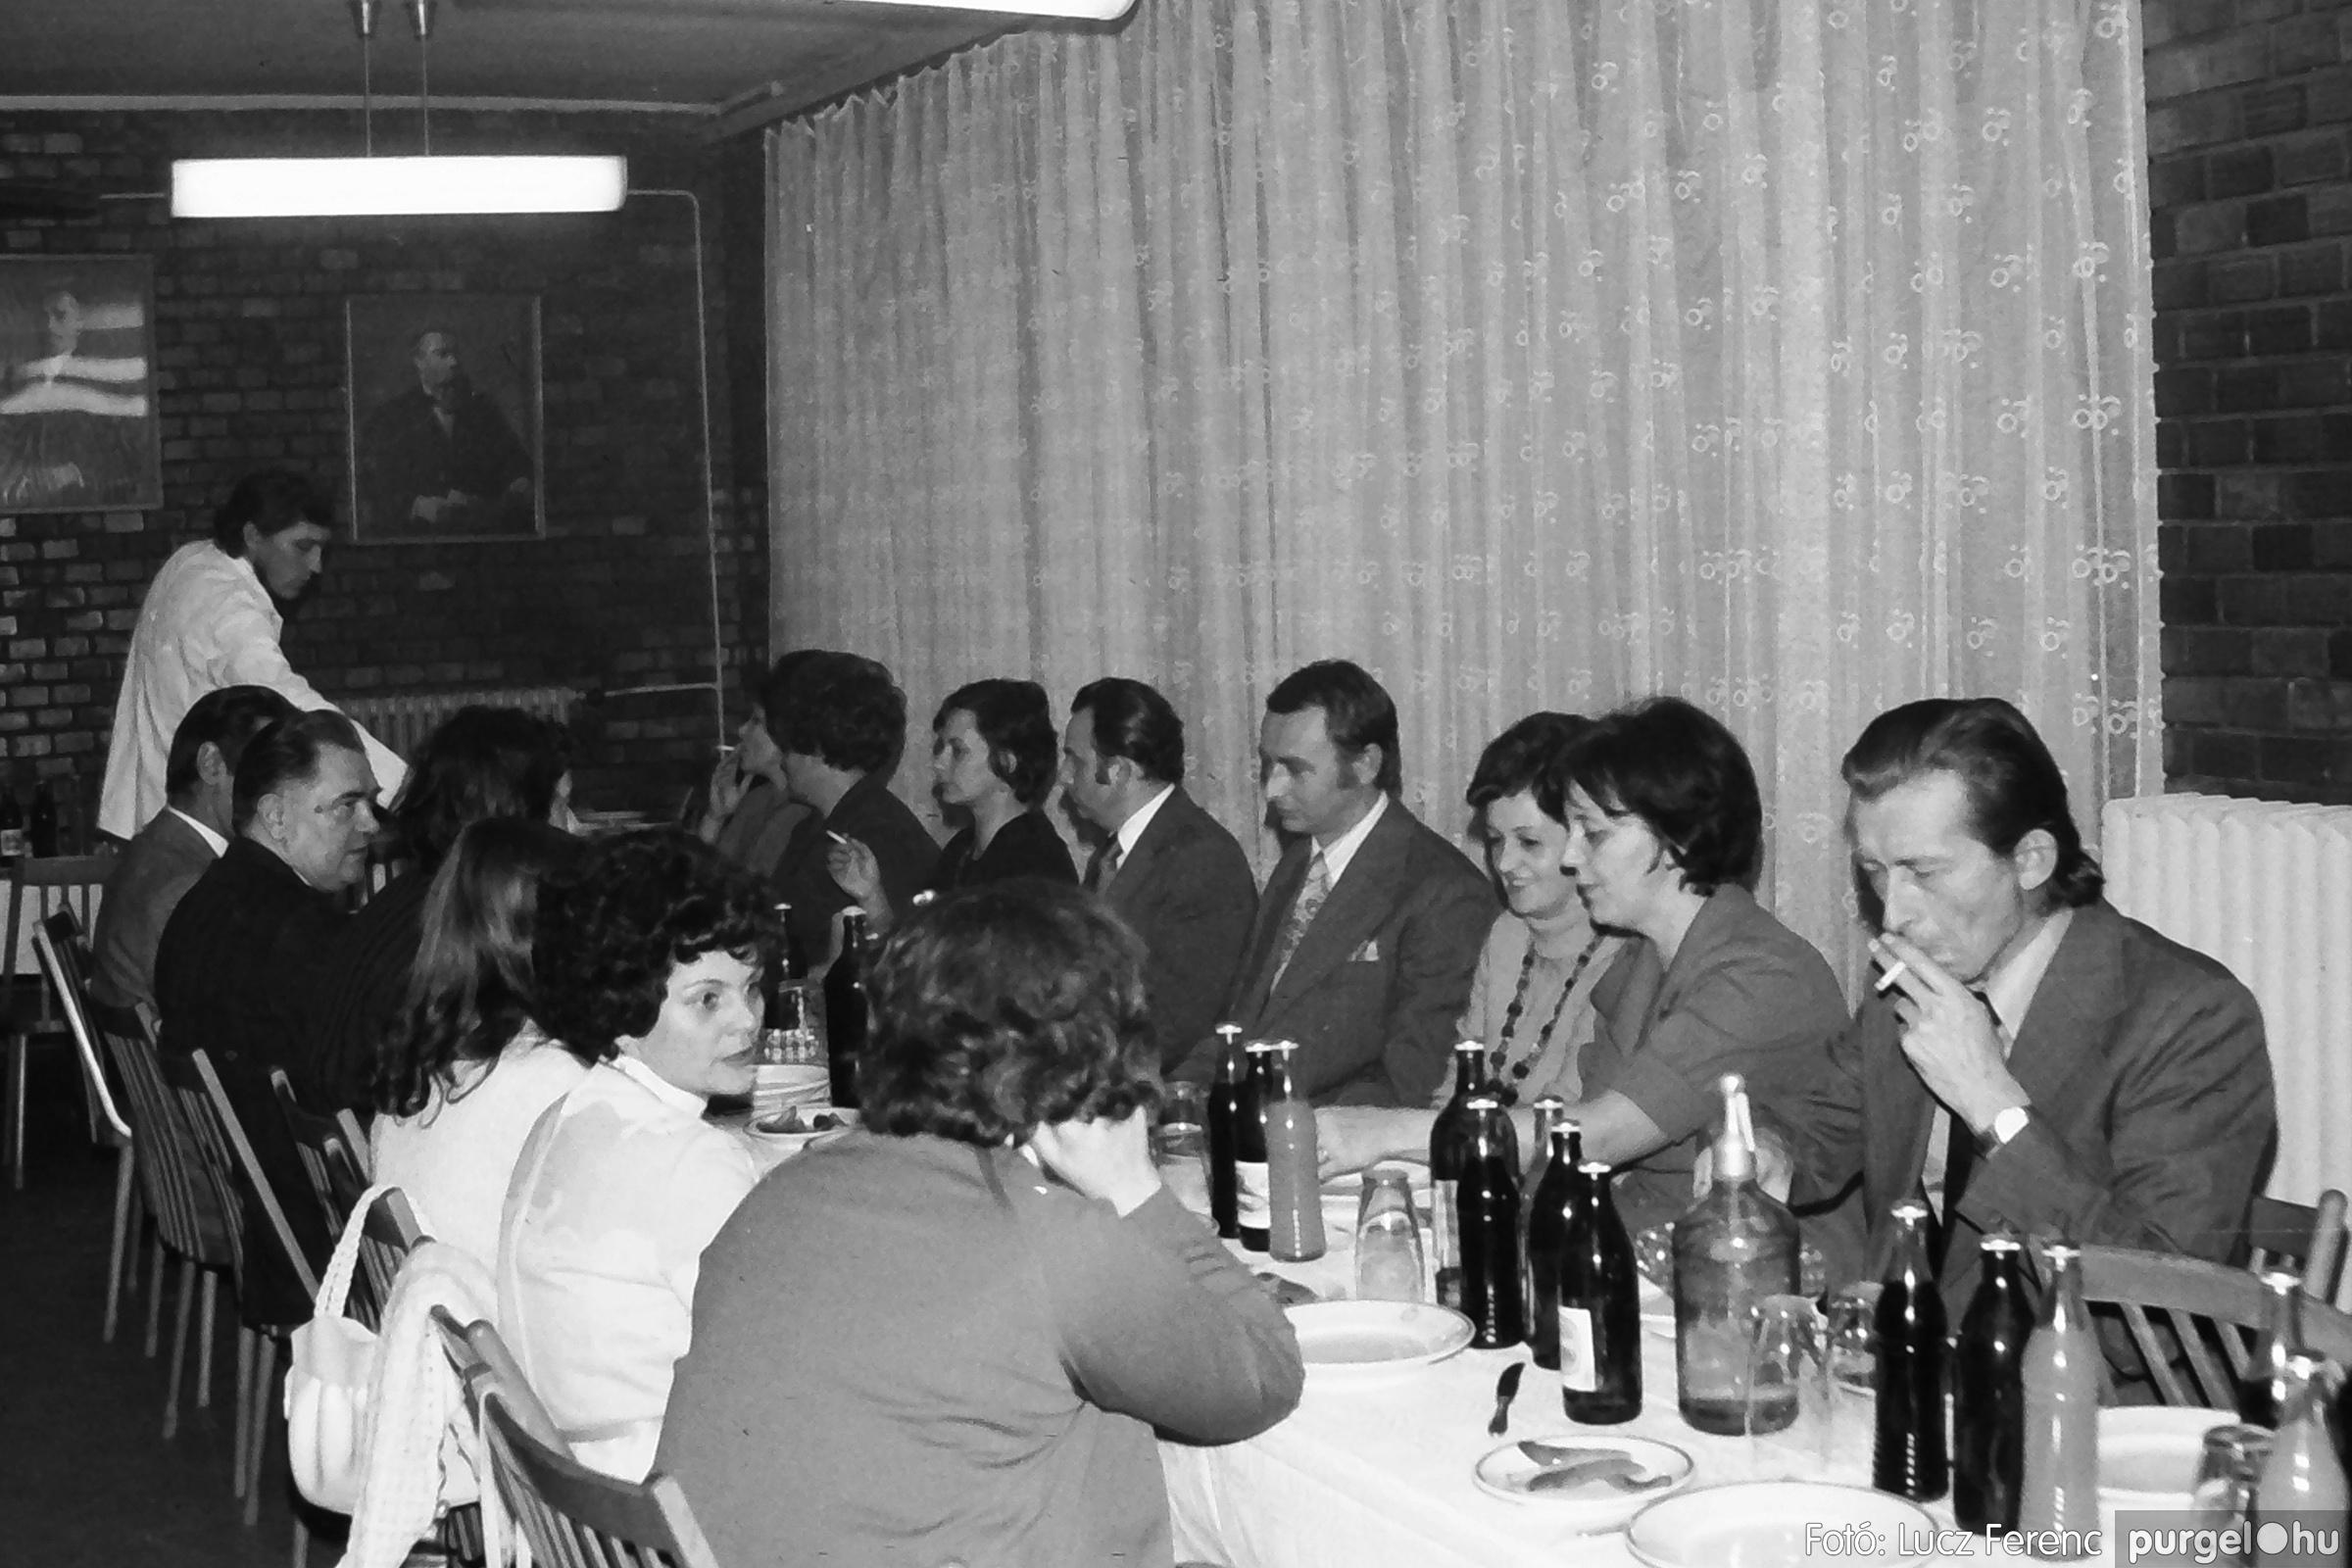 066-067. 1976. A Herkulesfürdői emlék című film ősbemutatója Szegváron 027. - Fotó: Lucz Ferenc.jpg